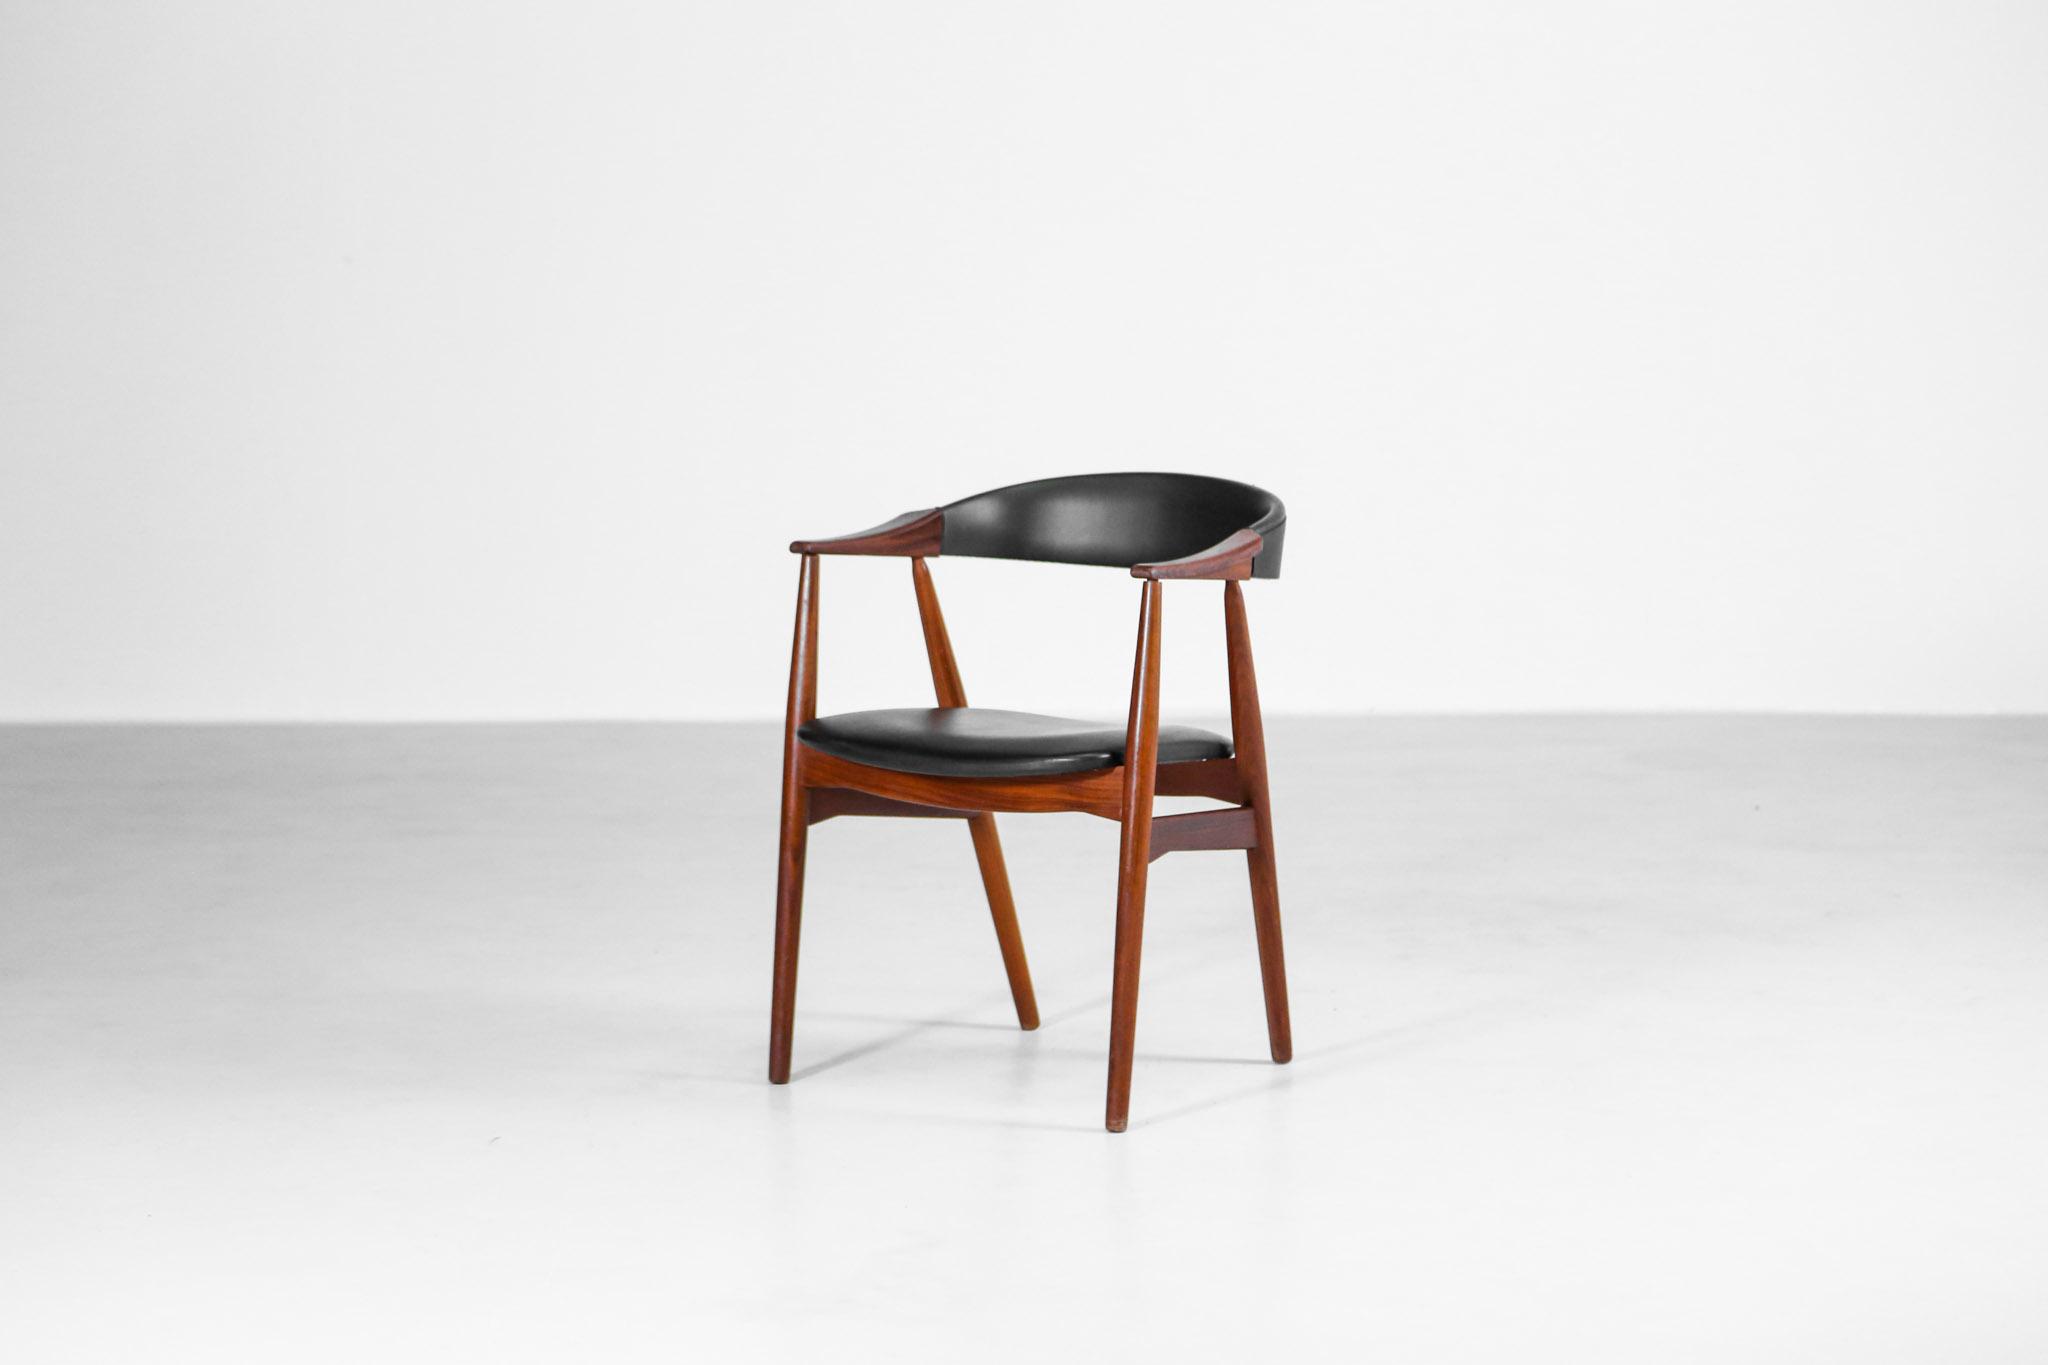 fauteuil danois t h harlev pour farstrup vintage scandinave teck danke galerie. Black Bedroom Furniture Sets. Home Design Ideas